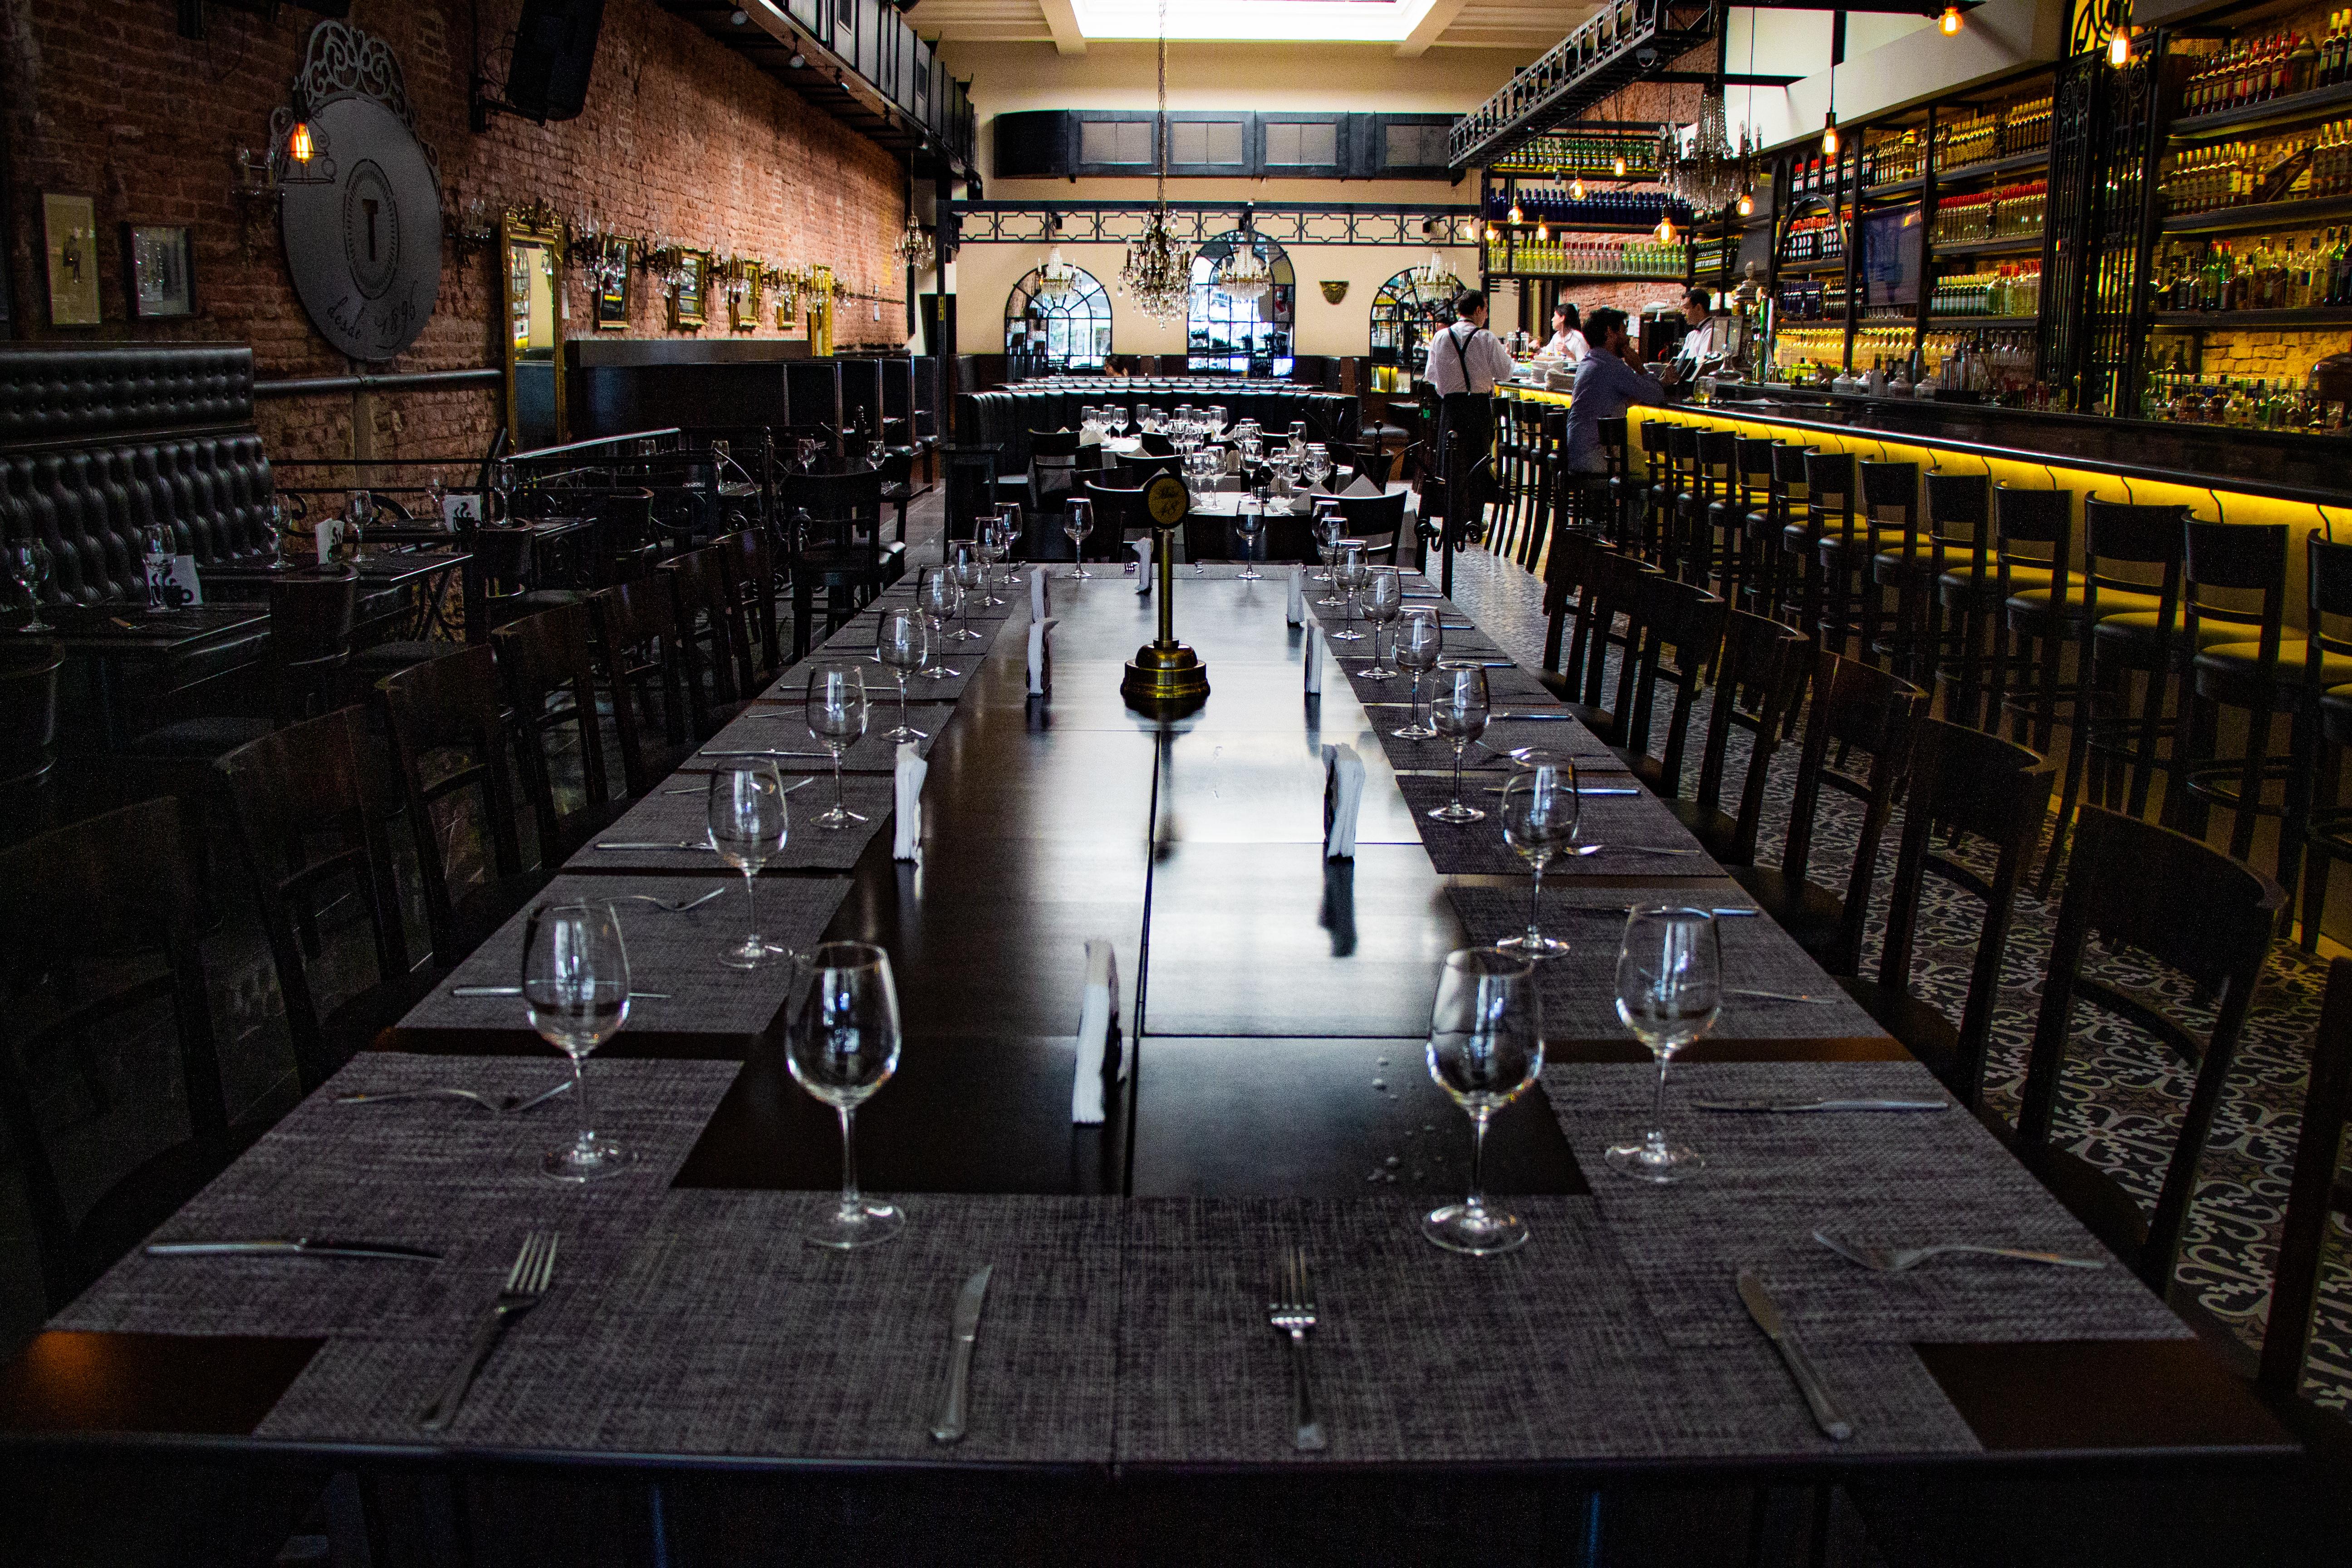 Con una mesa larga, los comensales tienen la posibilidad de saborear la reinterpretación de los mismos platos que comieron Gardel o los fundadores de El Tropezón, el asturiano Manuel Fernández y el gallego Ramiro Castaño